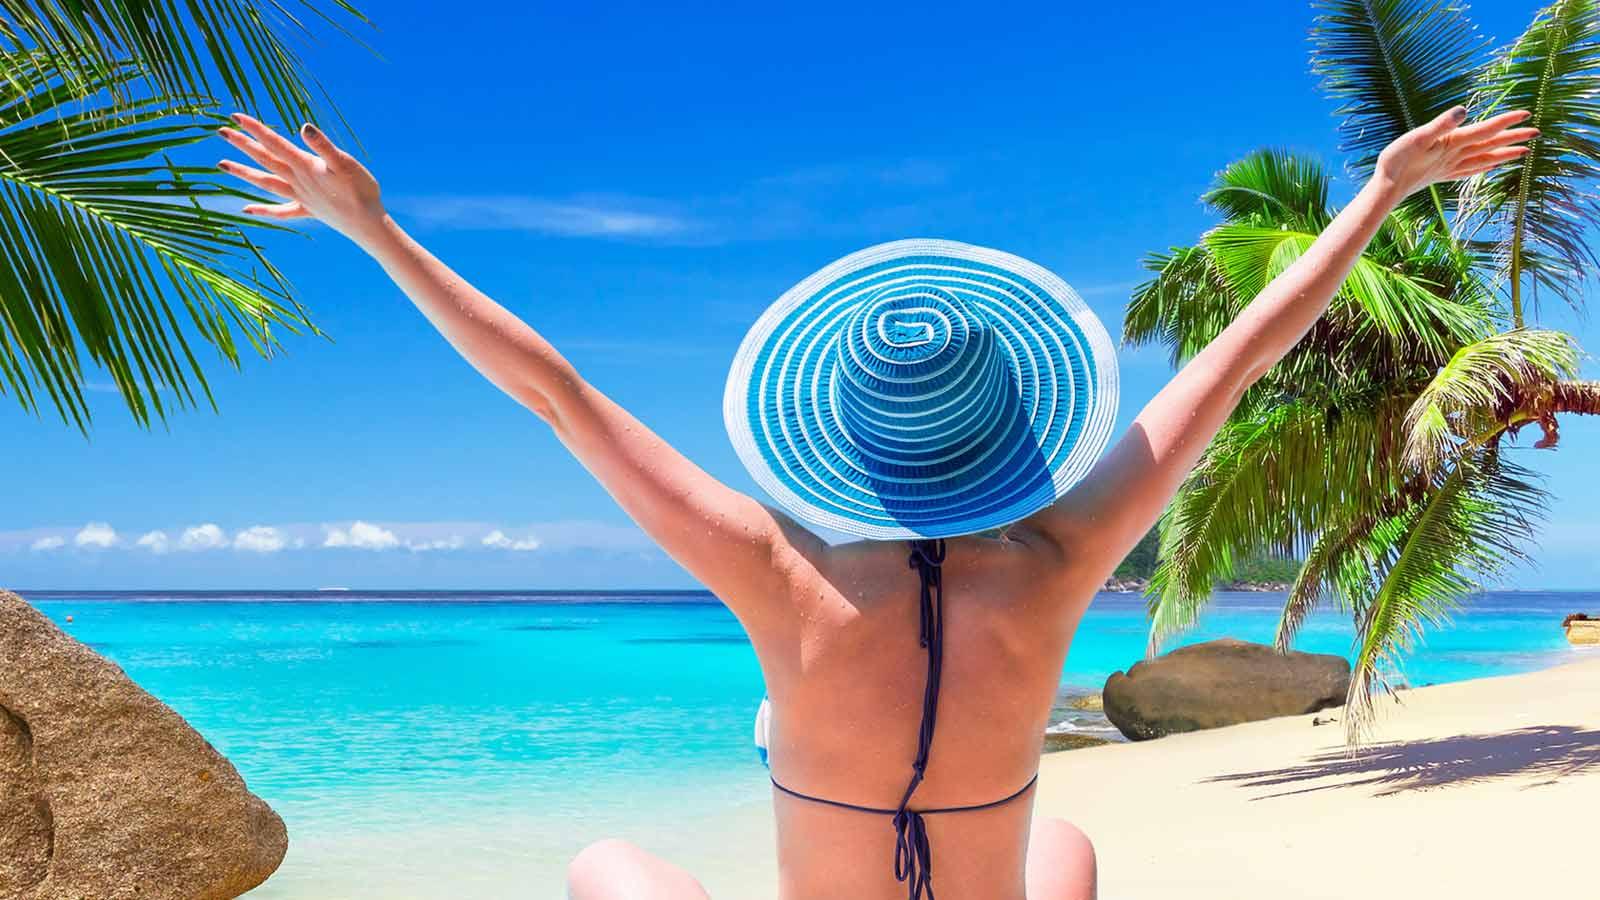 GW・夏休みにおすすめ!海外人気ビーチリゾートBEST10